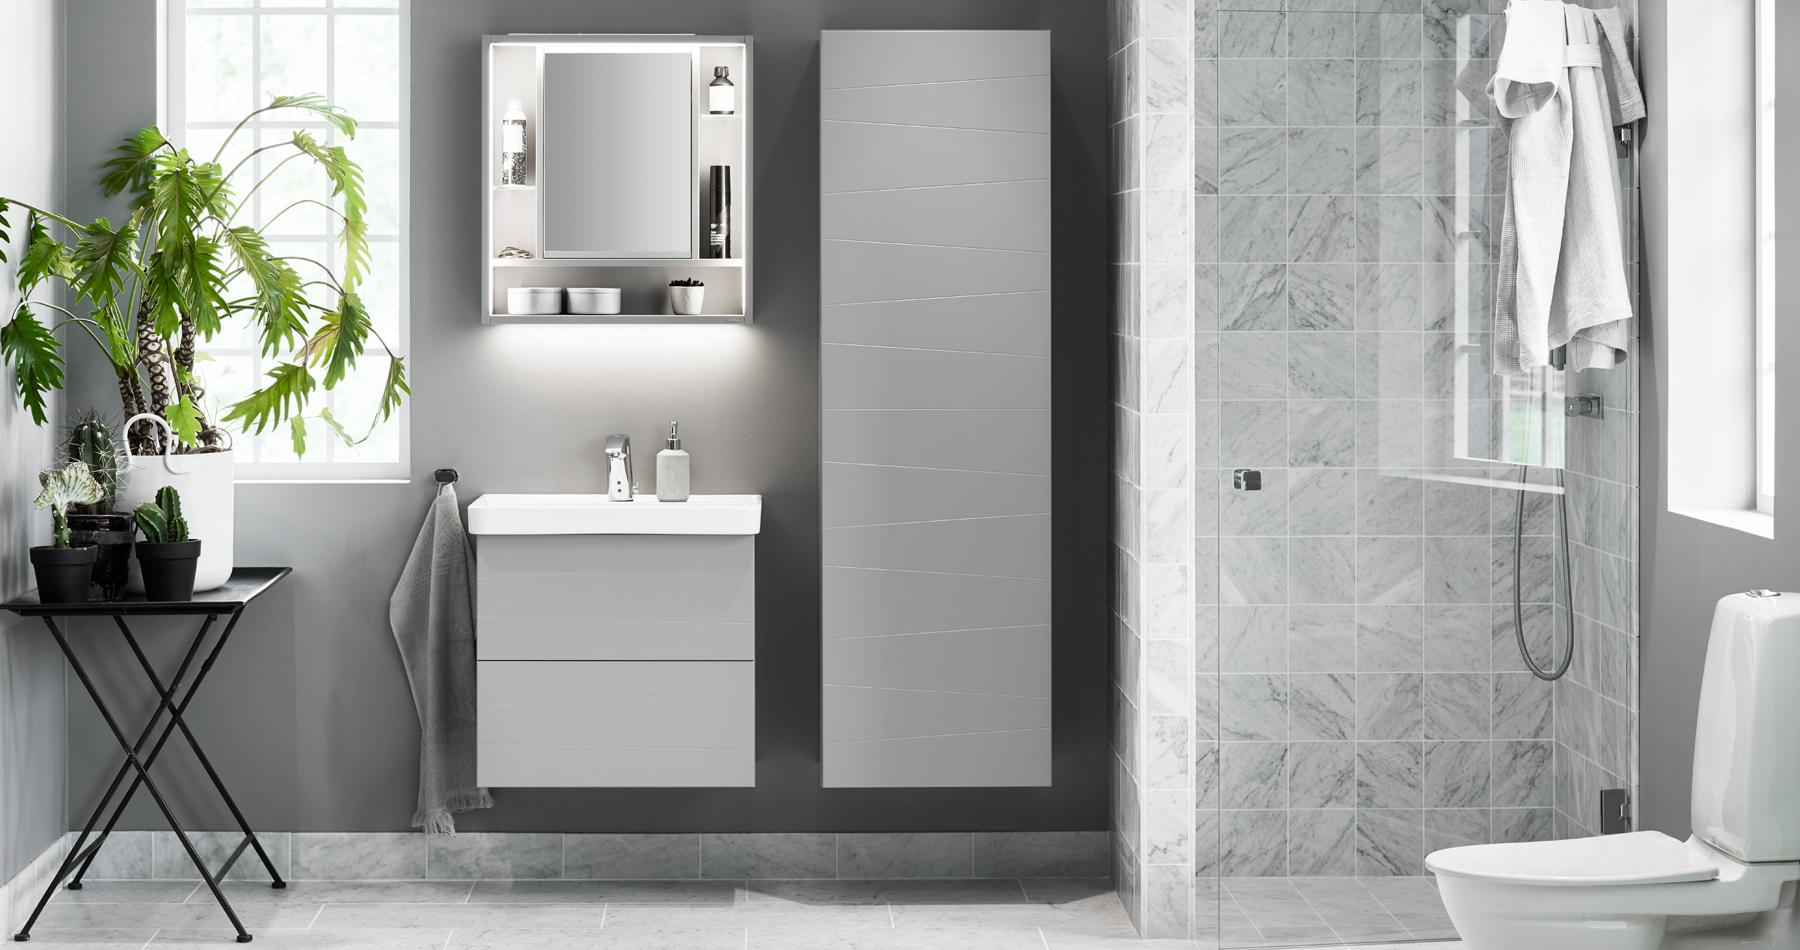 Tidlöst och sobert med skräddarsydd förvaring - Nytt kök badrum och  tvättstuga - Vedum kök   bad AB 0f9ee7f2b49c6